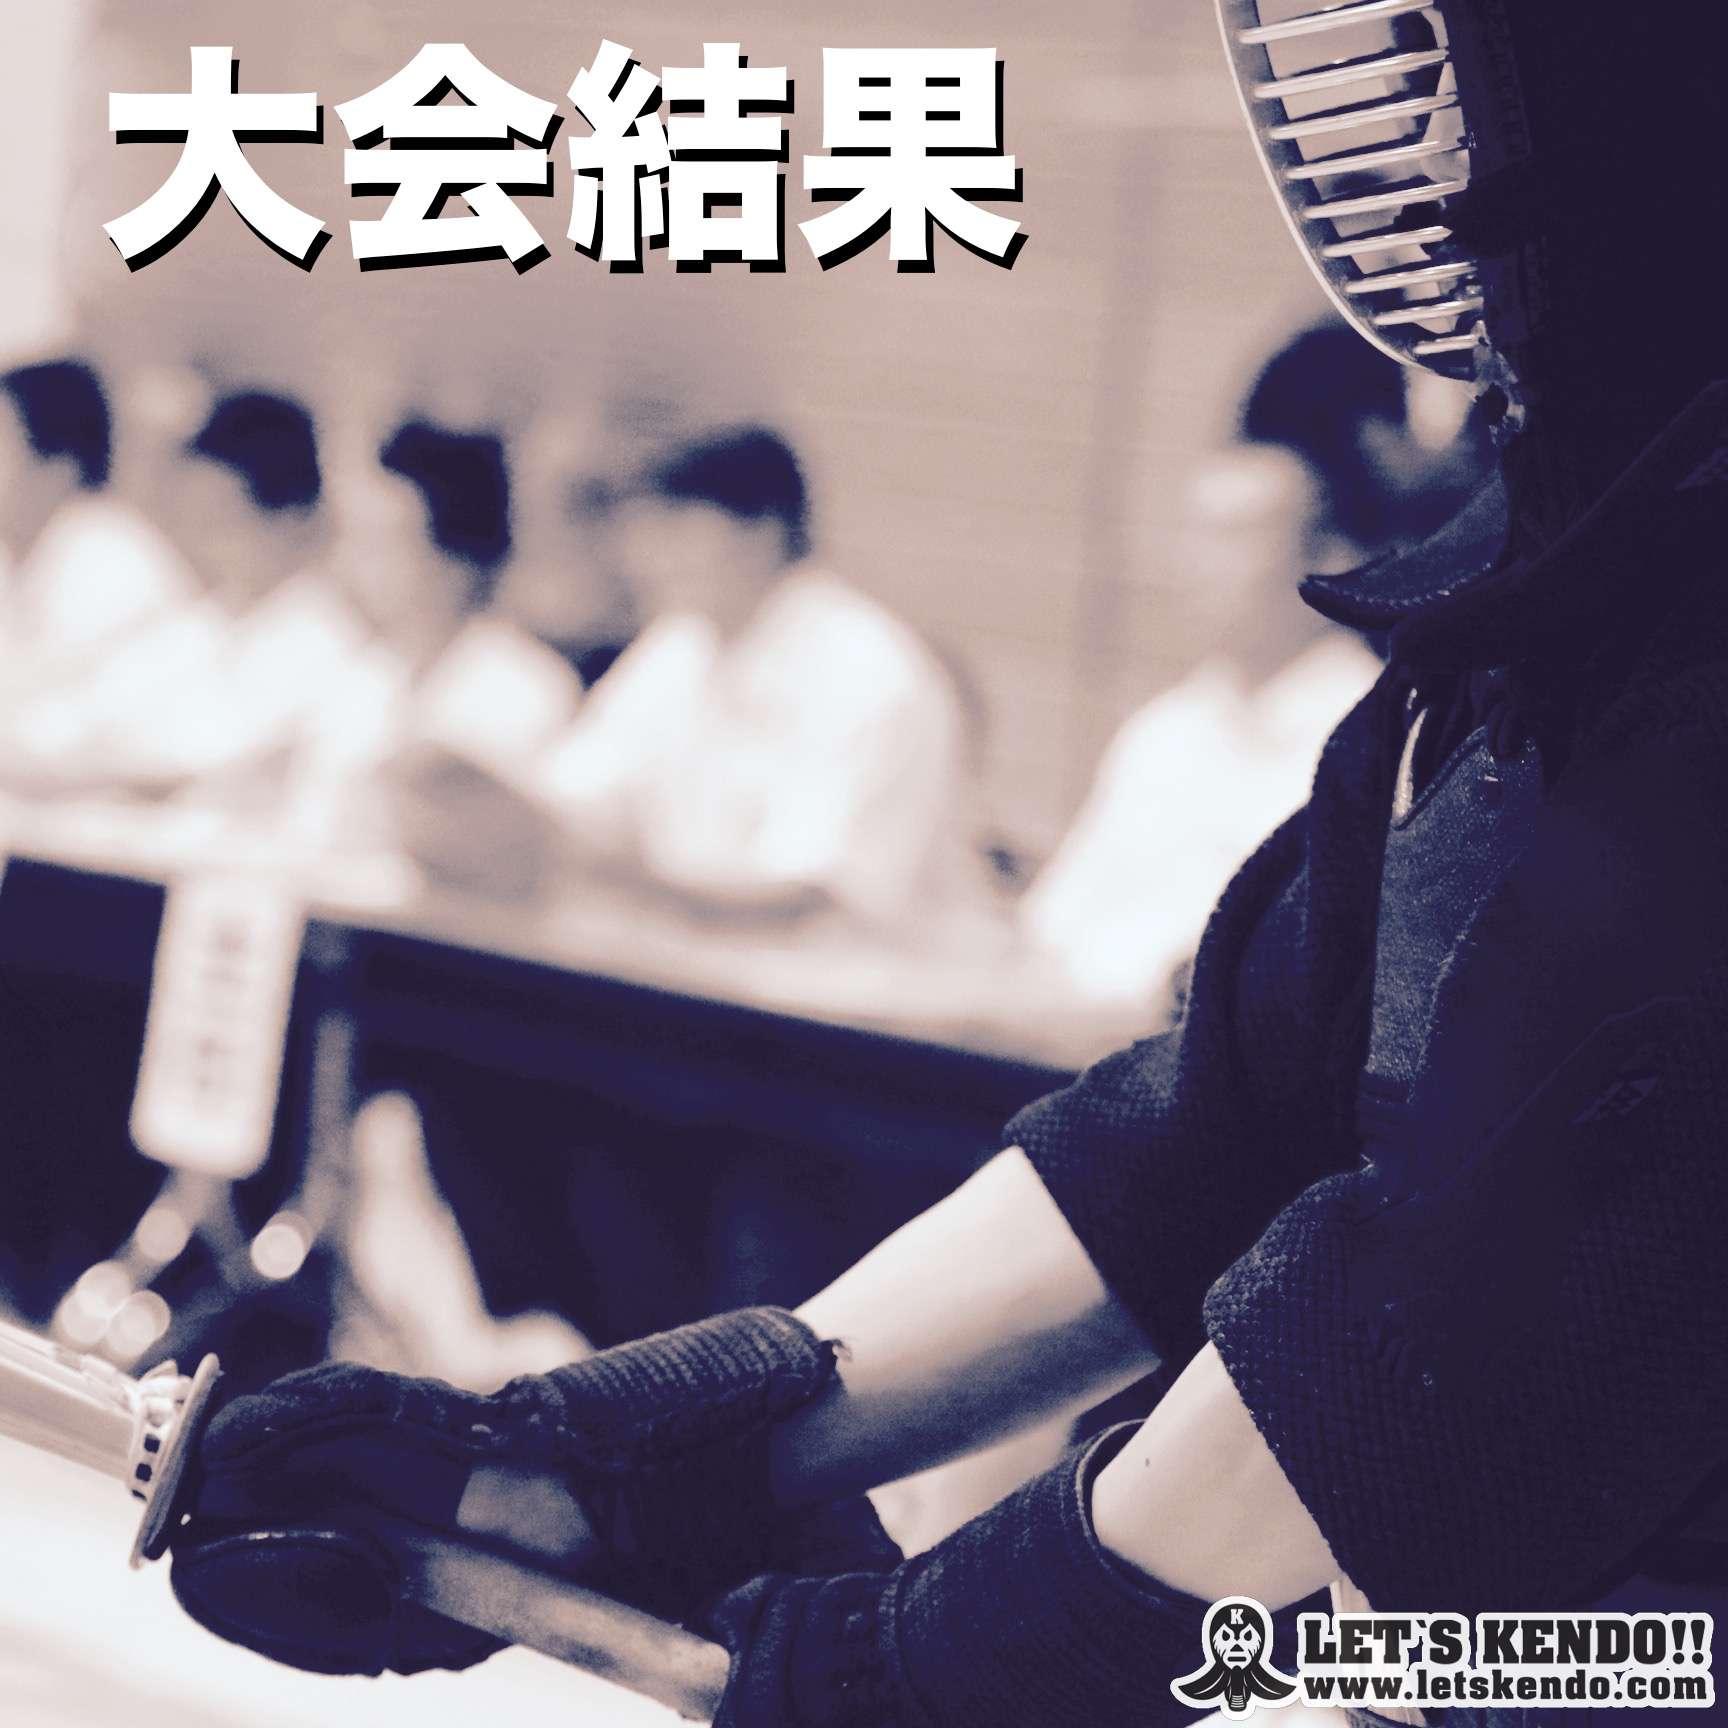 【大会結果】10/8 第17回宮崎県武道館旗争奪高等学校剣道競技大会